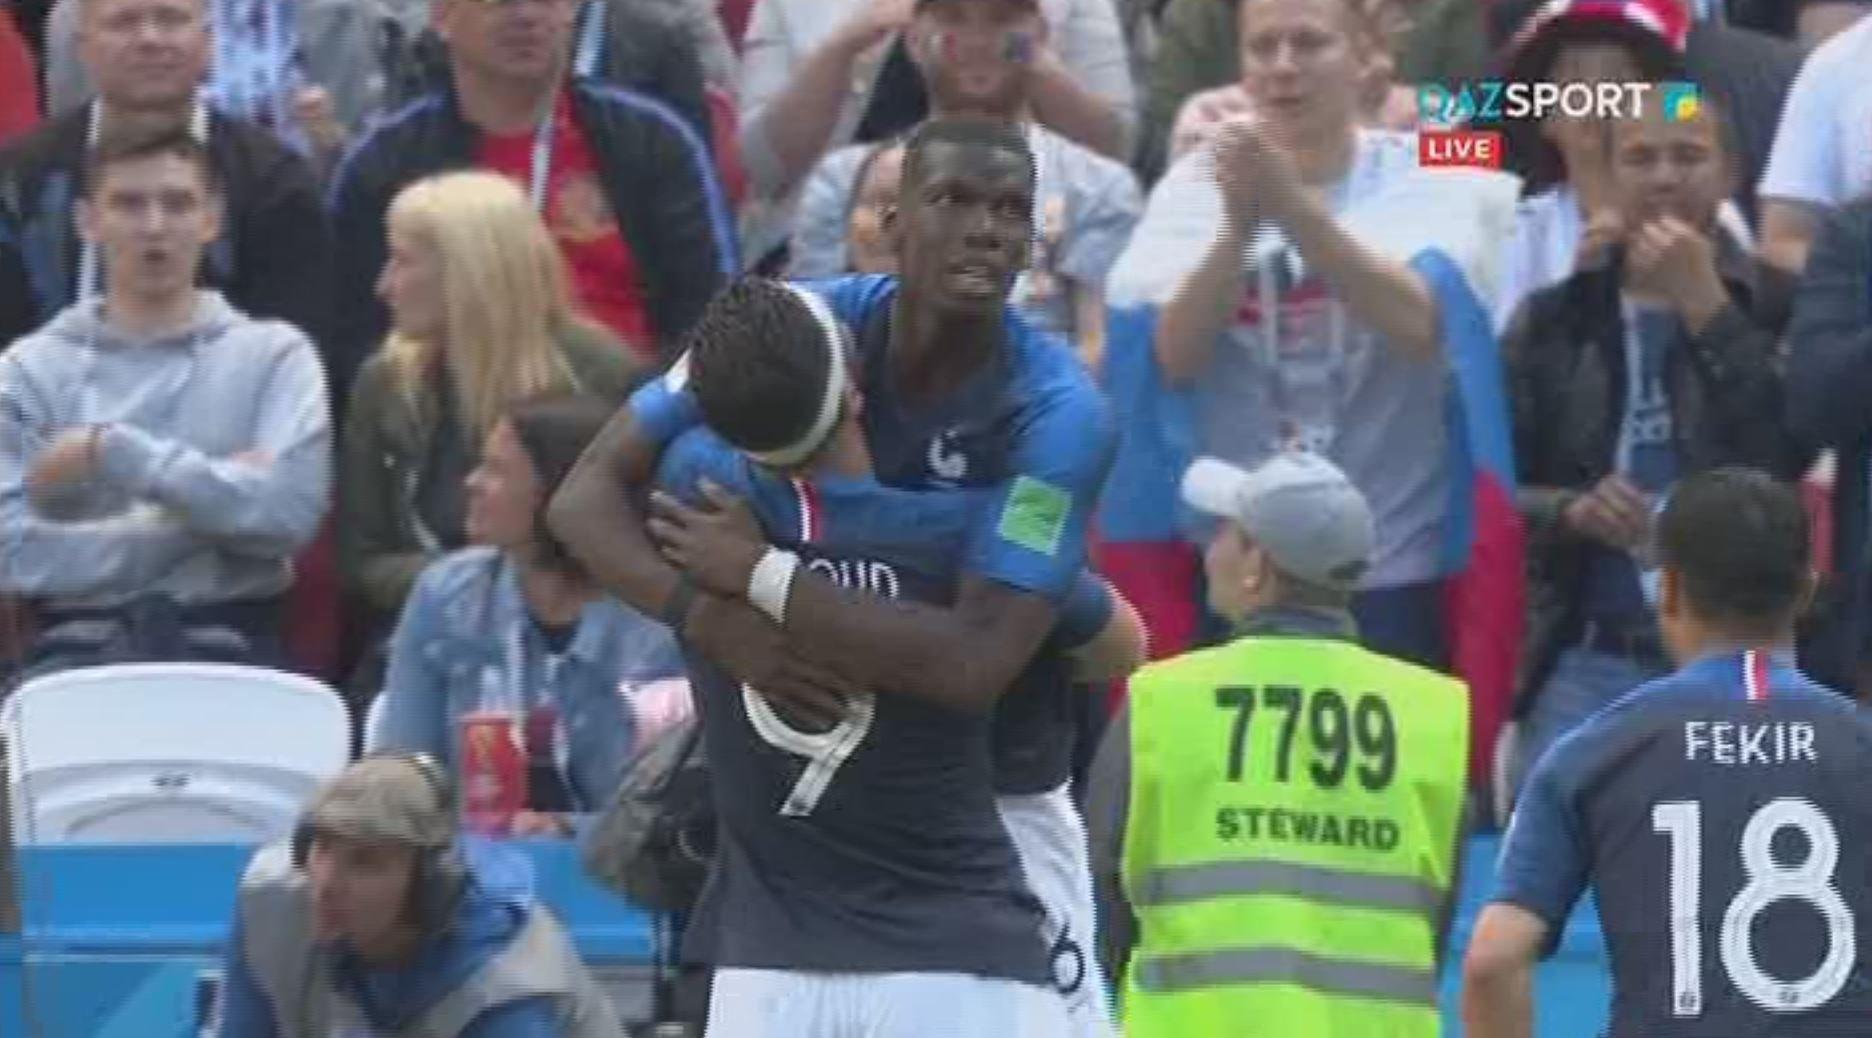 ЧМ - 2018. Гол Погба принес победу Франции над Австралией